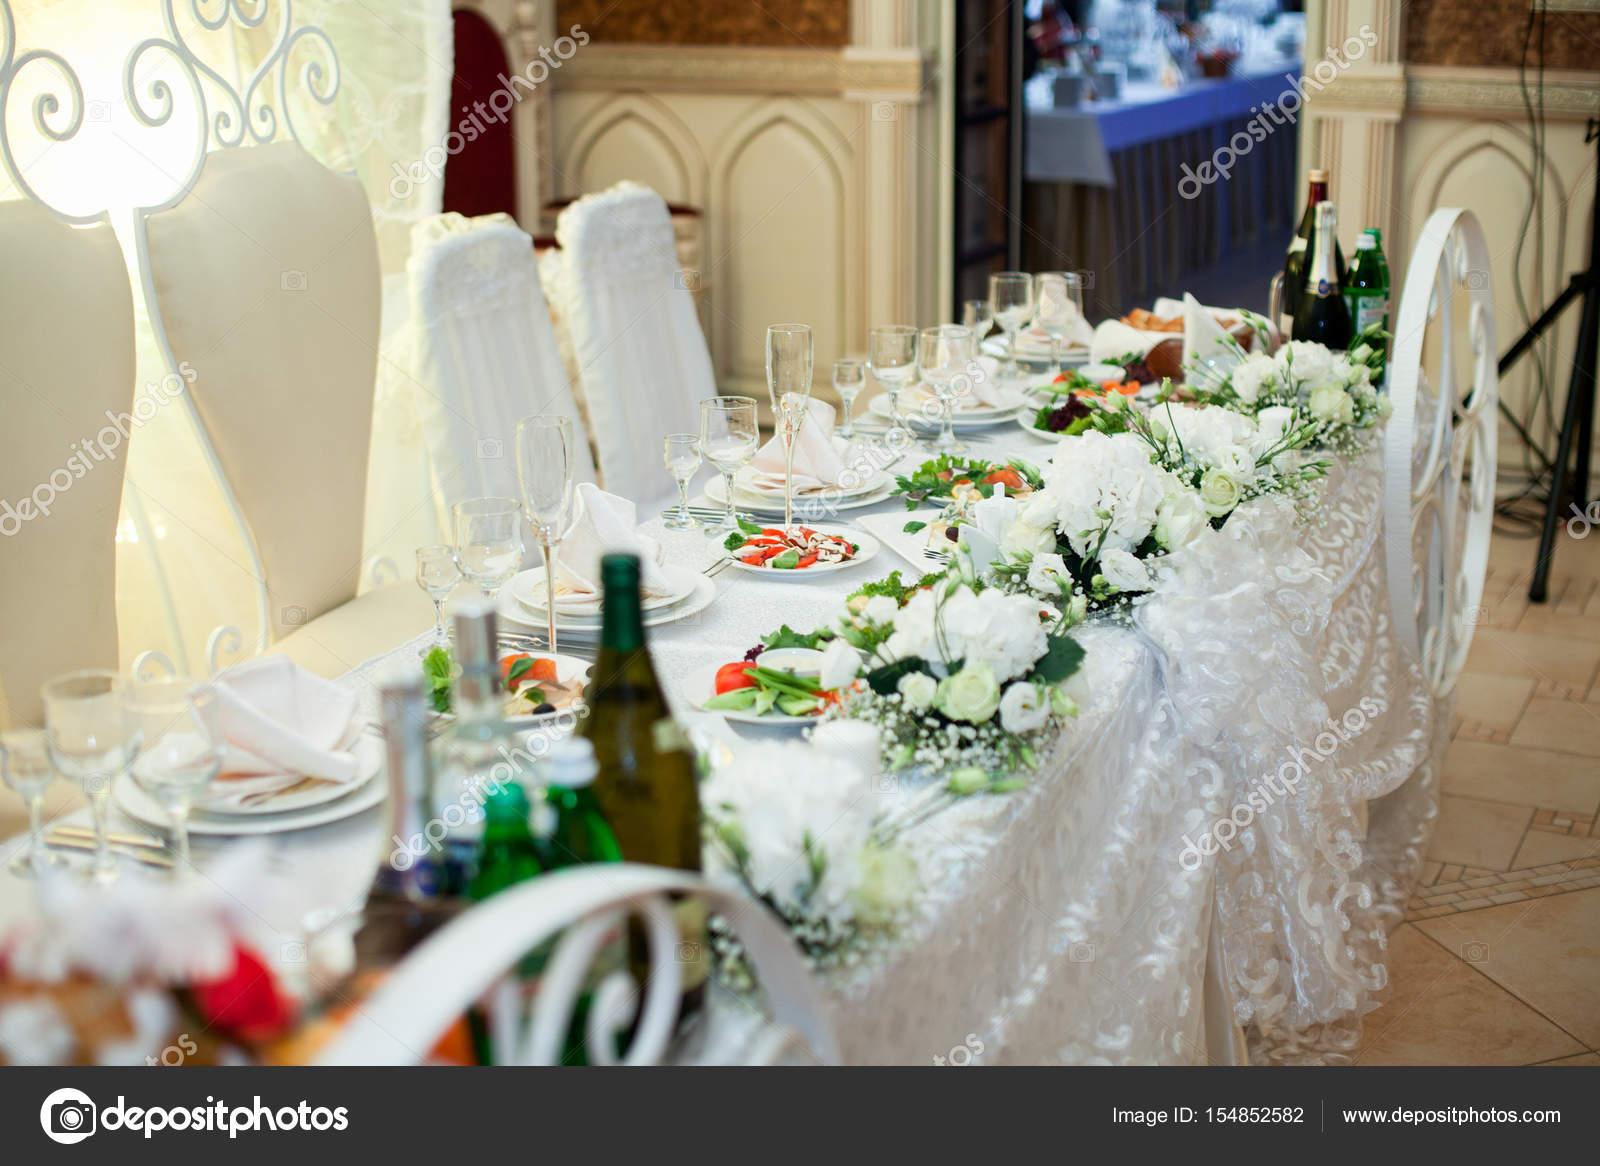 21d993dd35 Gazdag esküvői vacsora asztalra díszített fehér csipkék és virágok– stock  kép